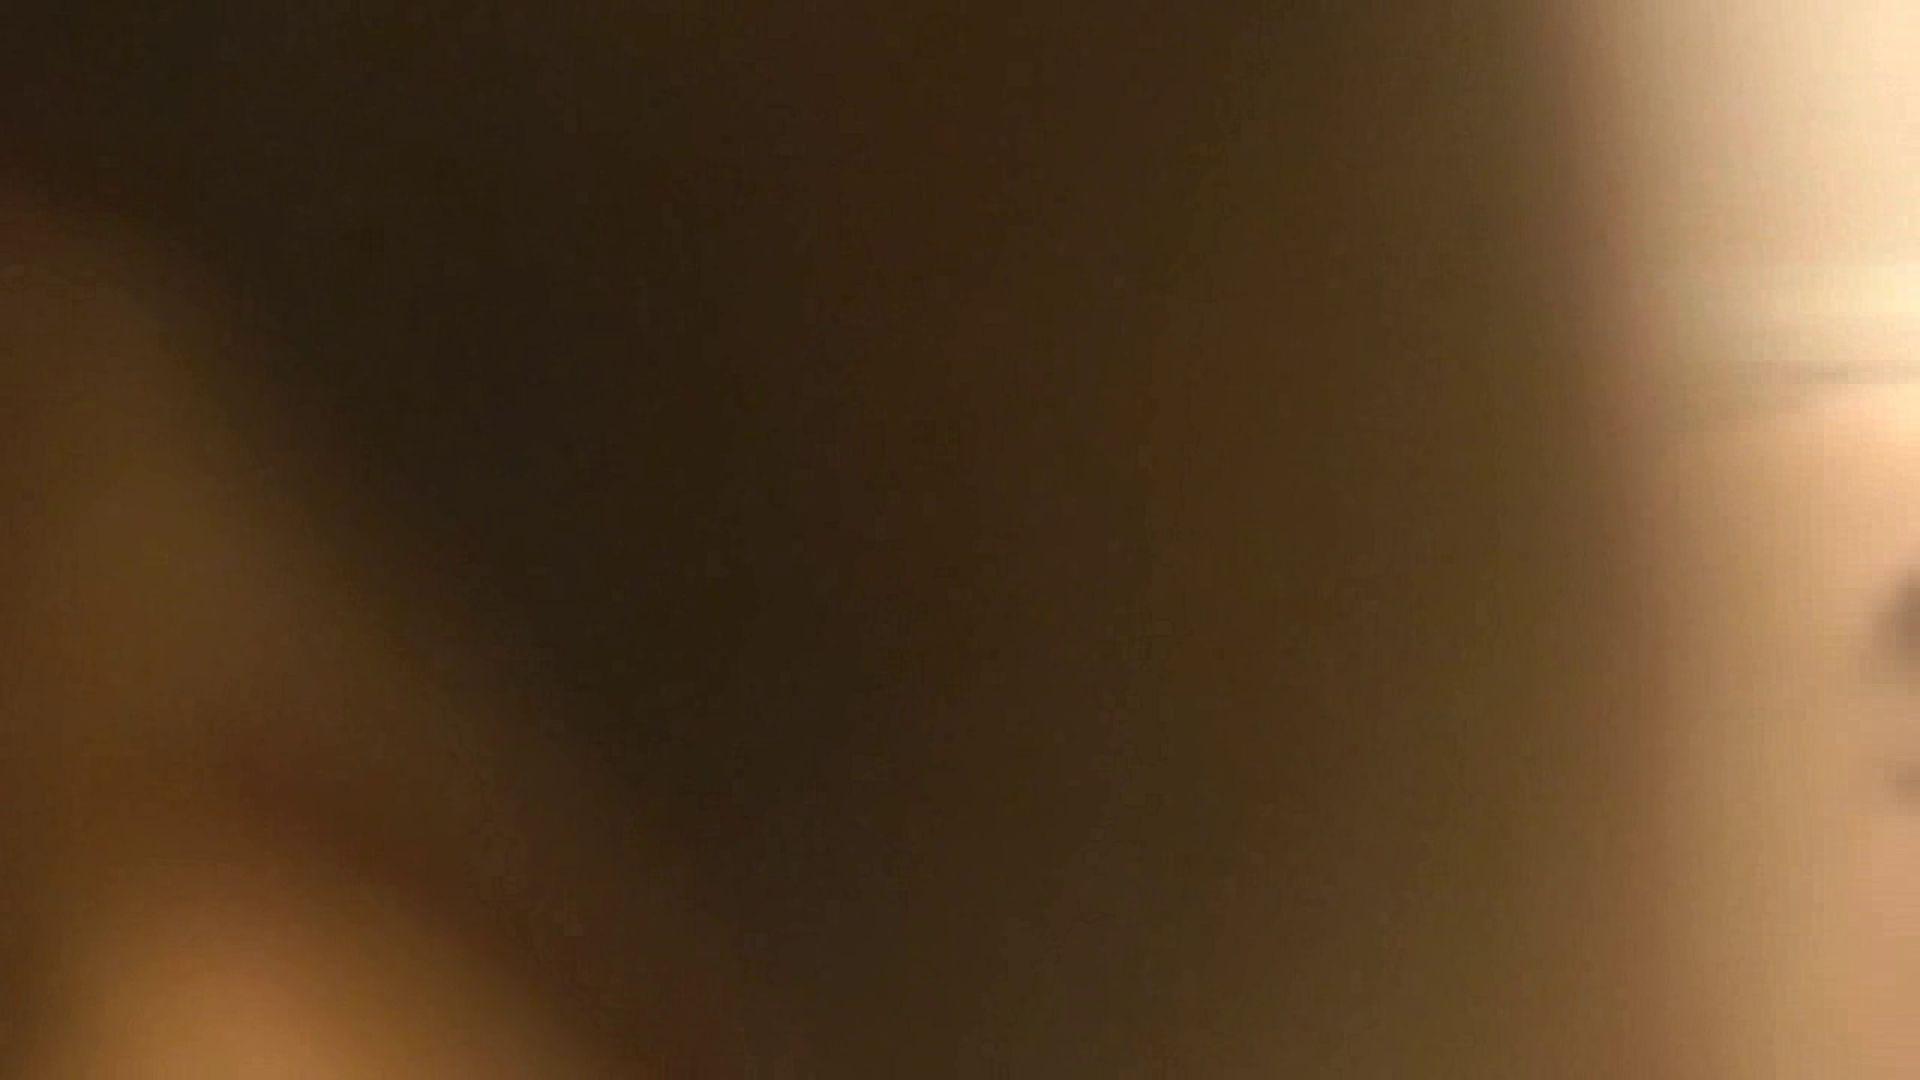 vol.1 Mayumi 窓越しに入浴シーン撮影に成功 OL   入浴シーン  89連発 21